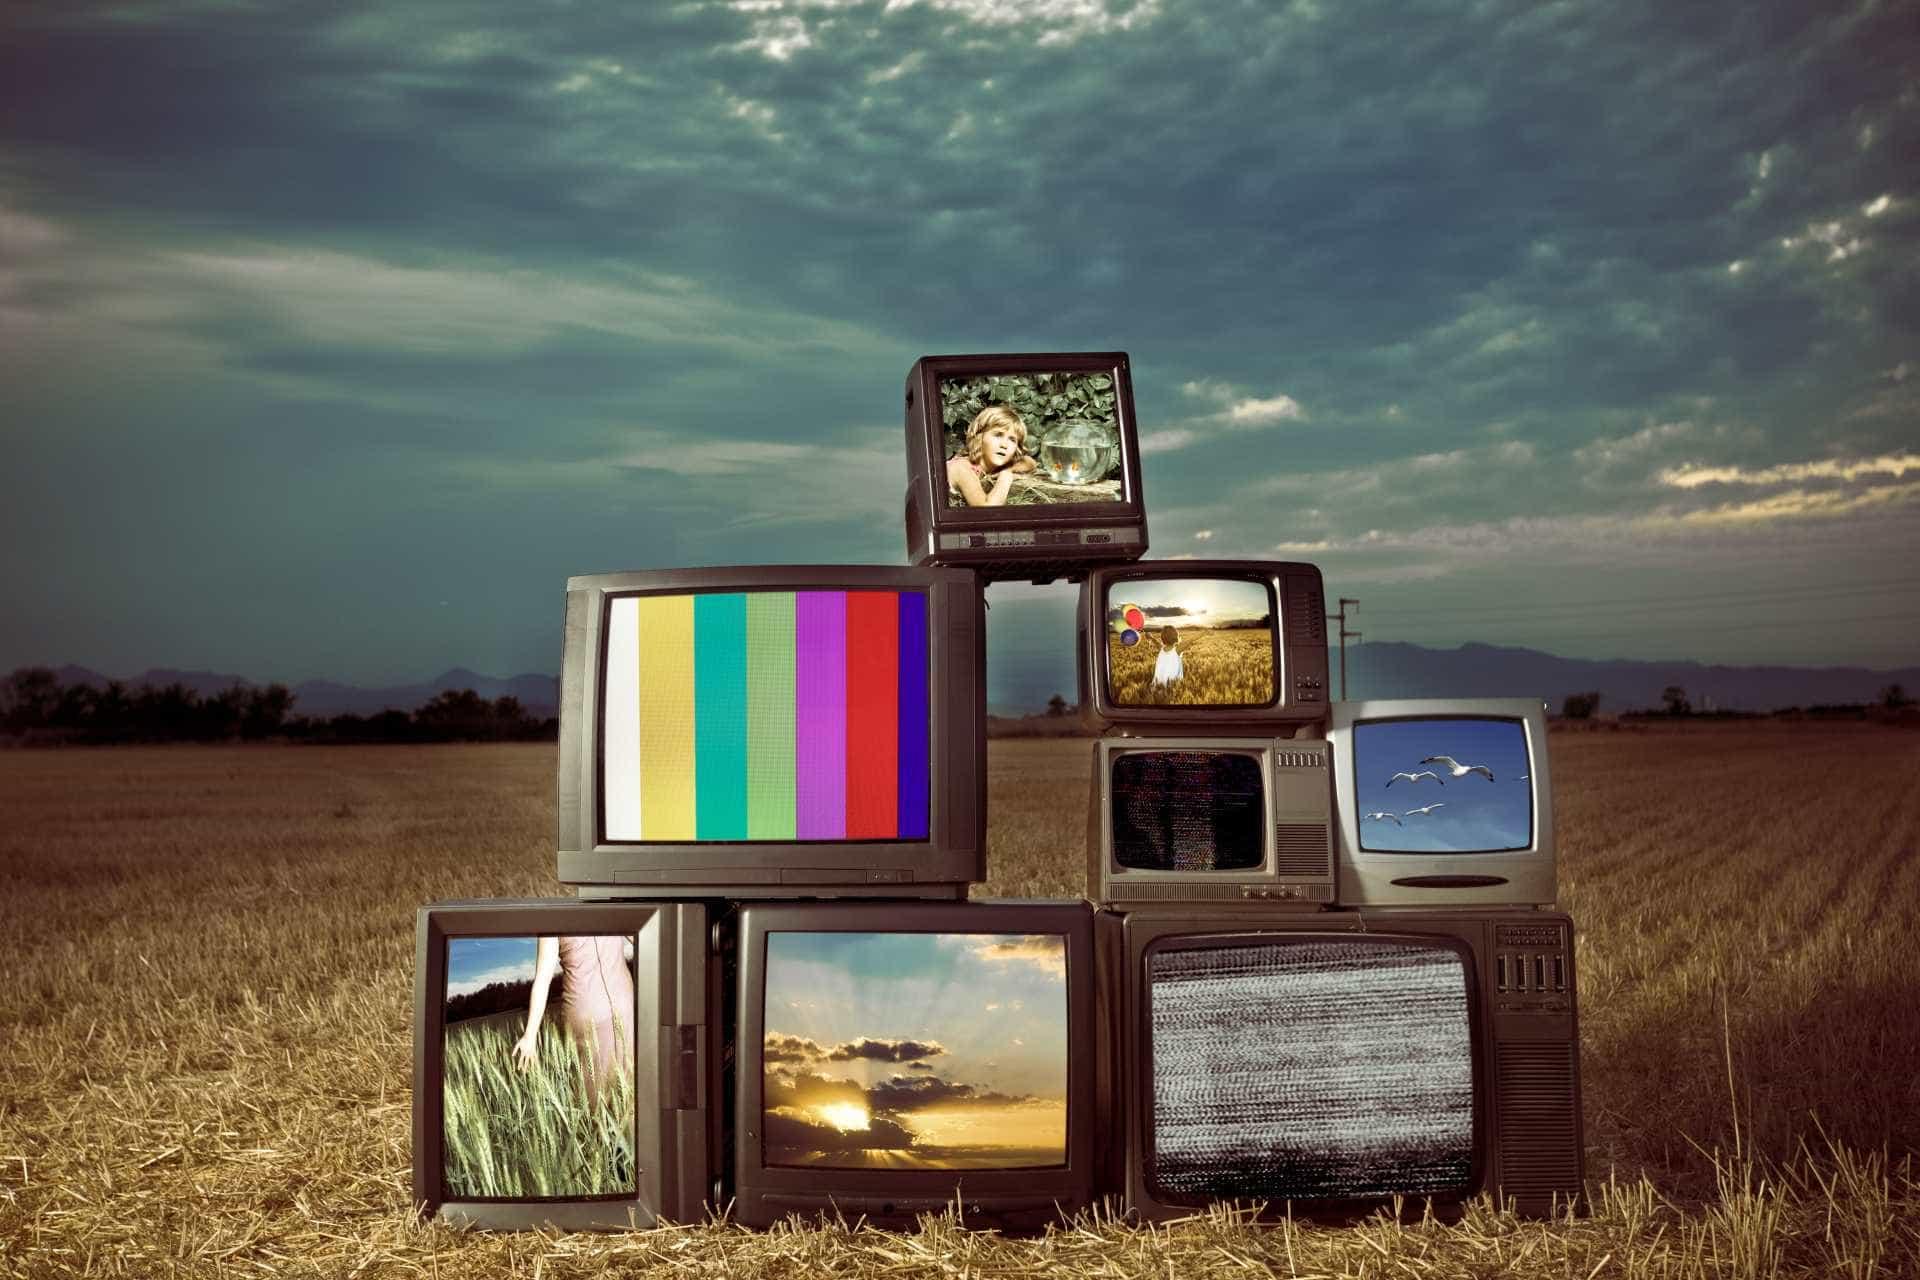 رسانه، بحران و یک واکنش همیشگی: تلاش برای جمع بندی در اعلام مواضع!